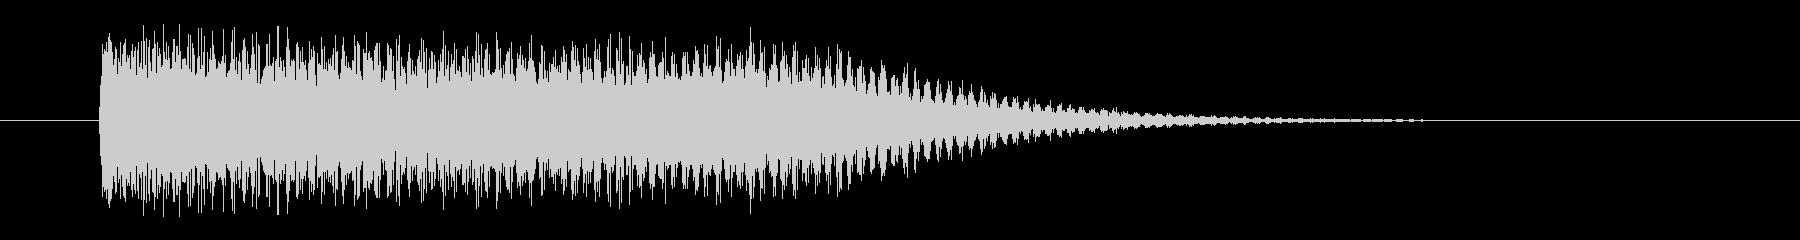 ジャーン(暗い印象の決定音)の未再生の波形